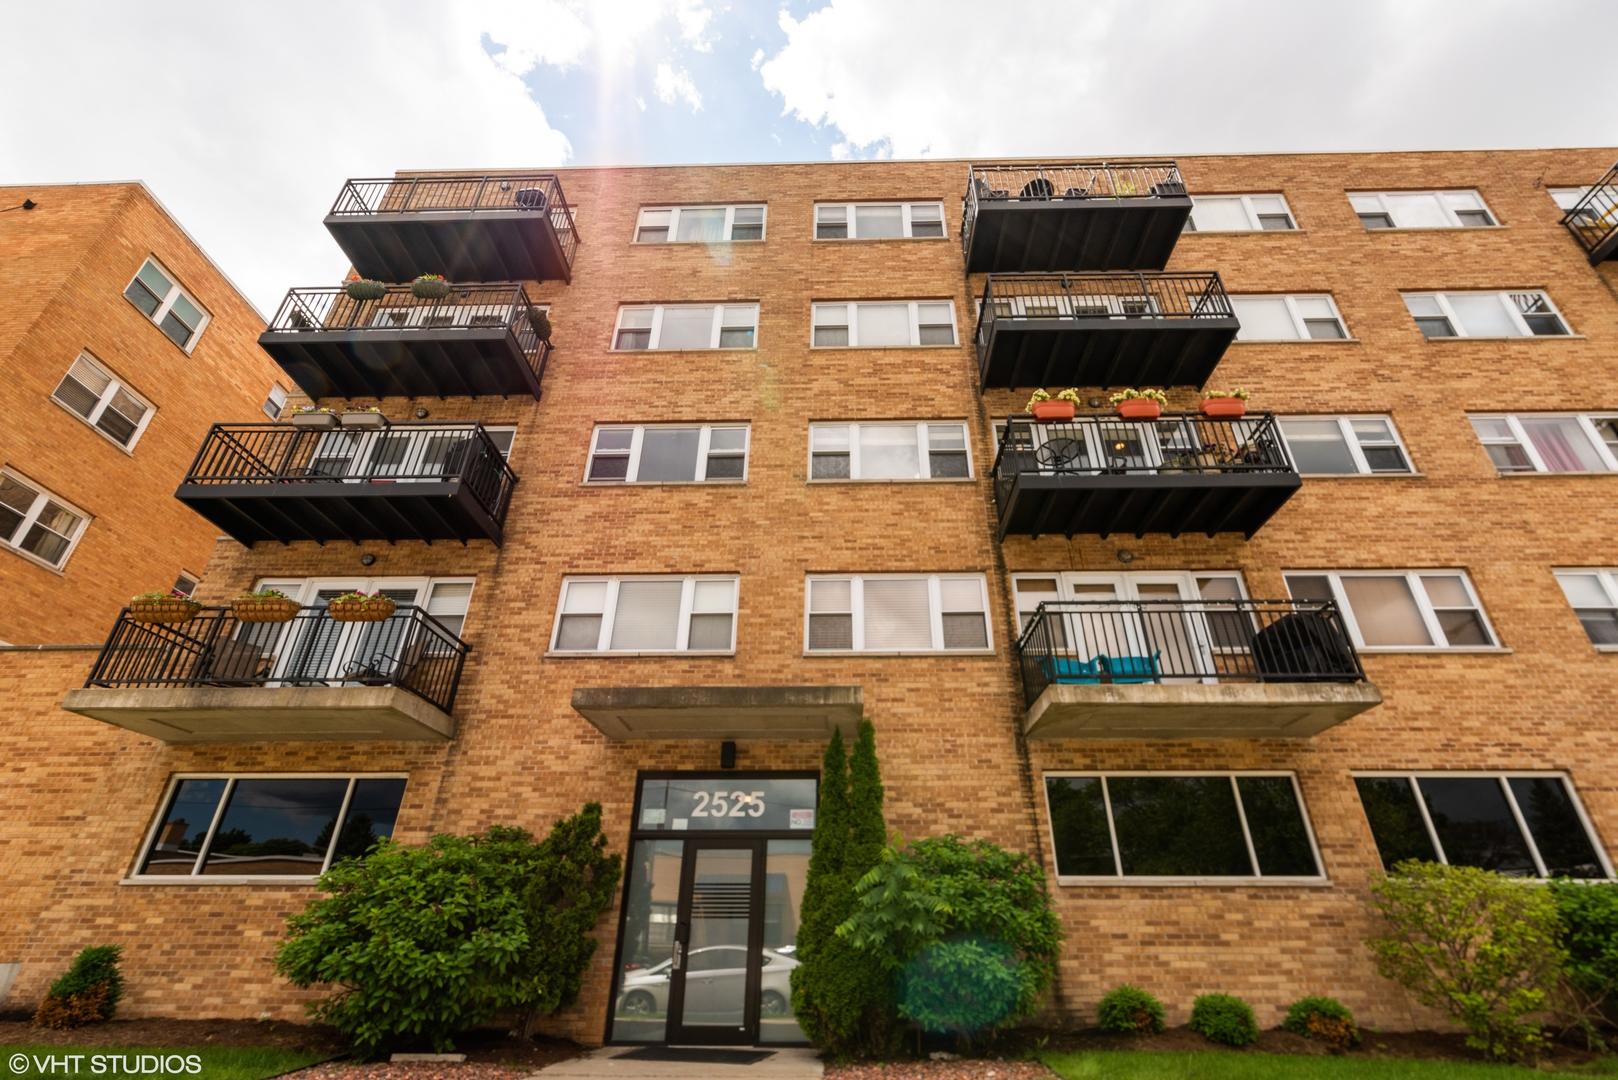 2525 W Bryn Mawr Avenue Unit 201, Chicago IL 60659